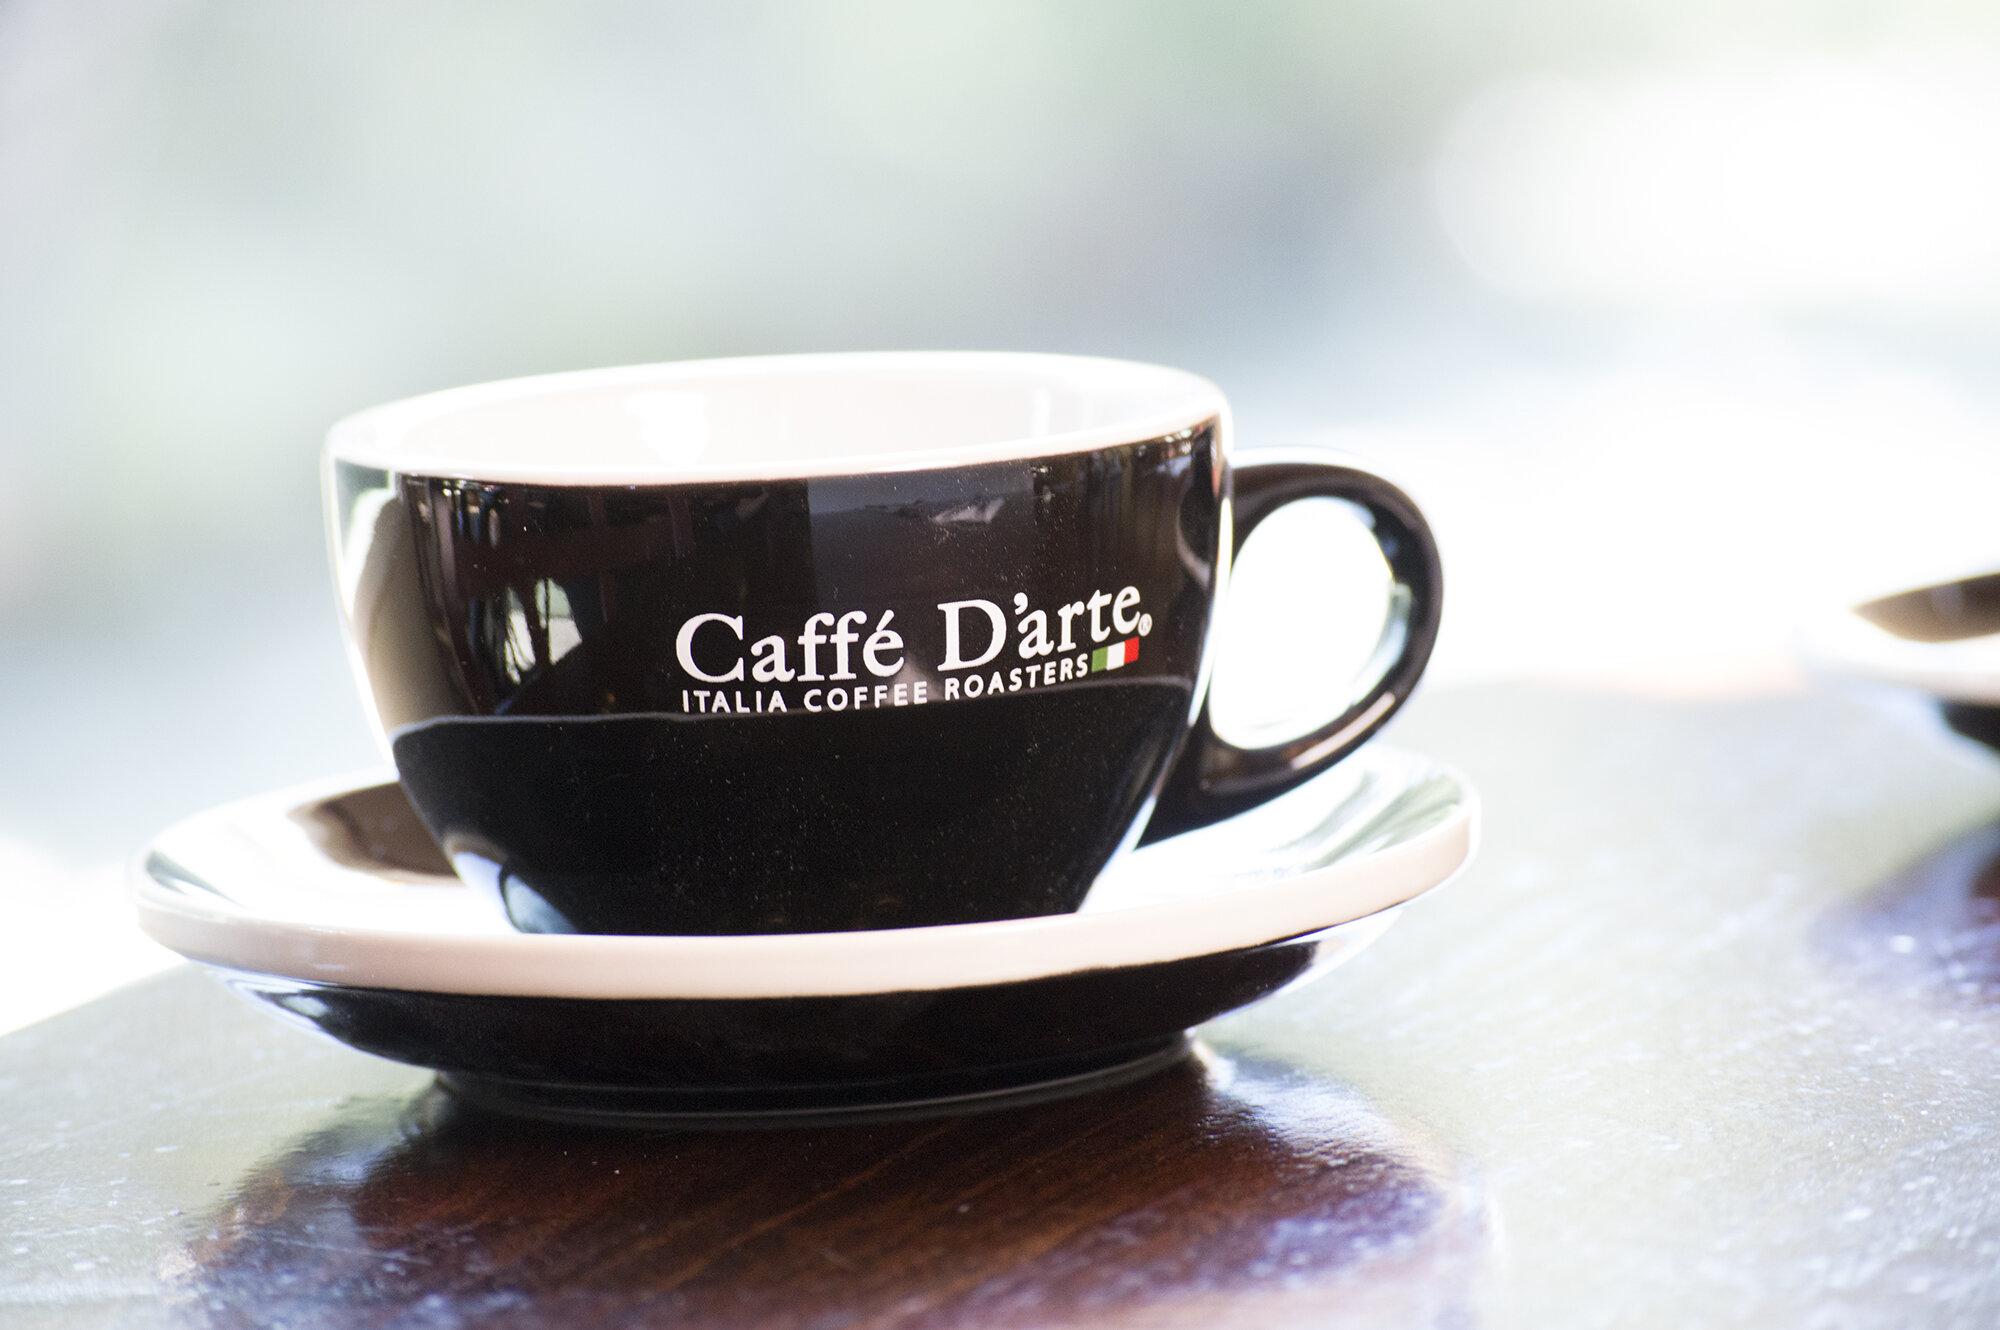 Espresso Is here! - Now serving Caffe D'arte espresso.